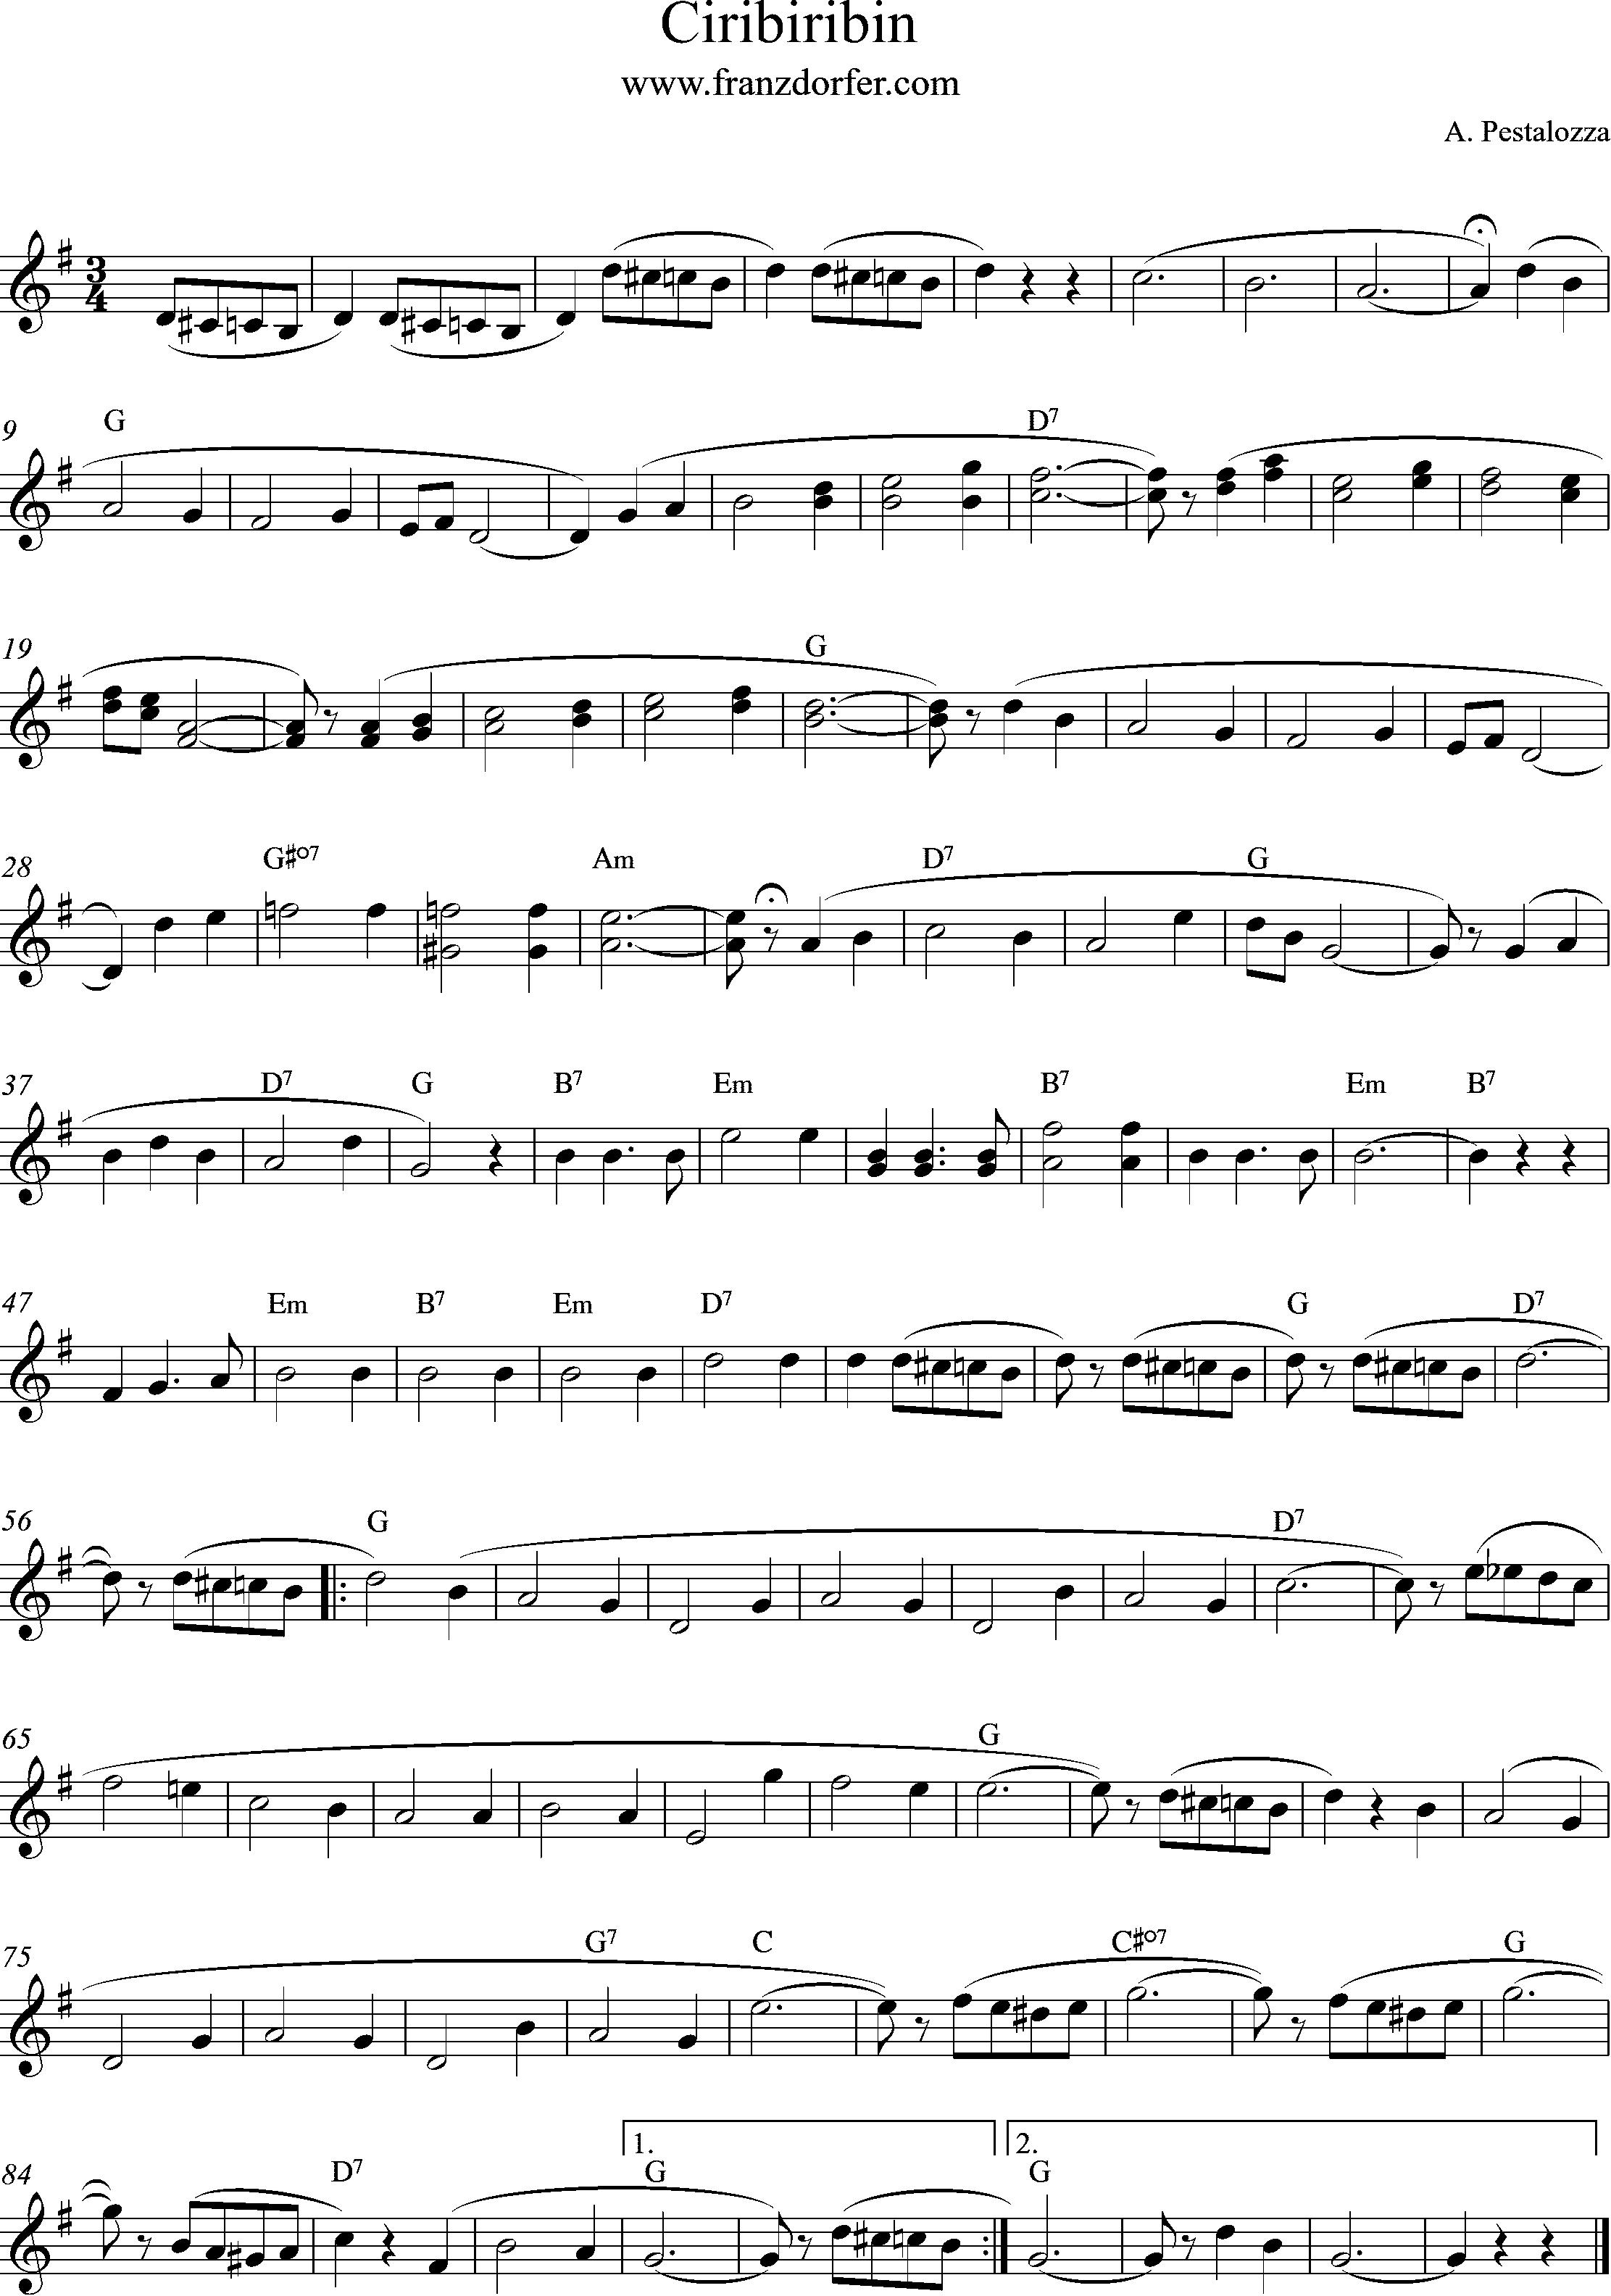 freesheet ciribiribin, G-Major